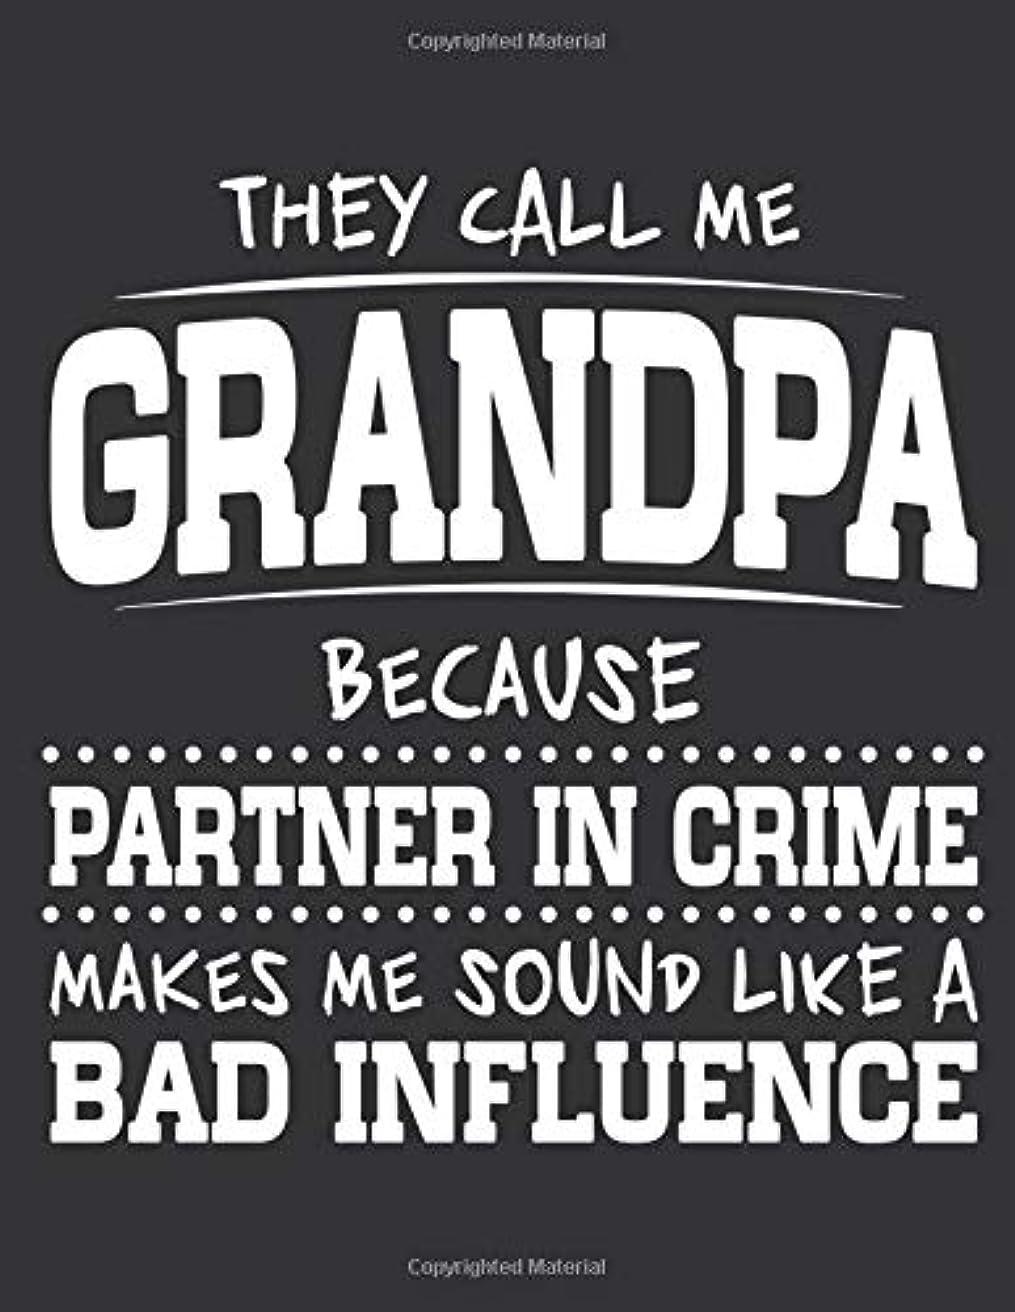 熟達変動するアマチュアNotebook: They Call Me Grandpa Because Partner In Crime Journal & Doodle Diary; 120 White Paper Numbered Plain Pages for Writing and Drawing - 8.5x11 in.